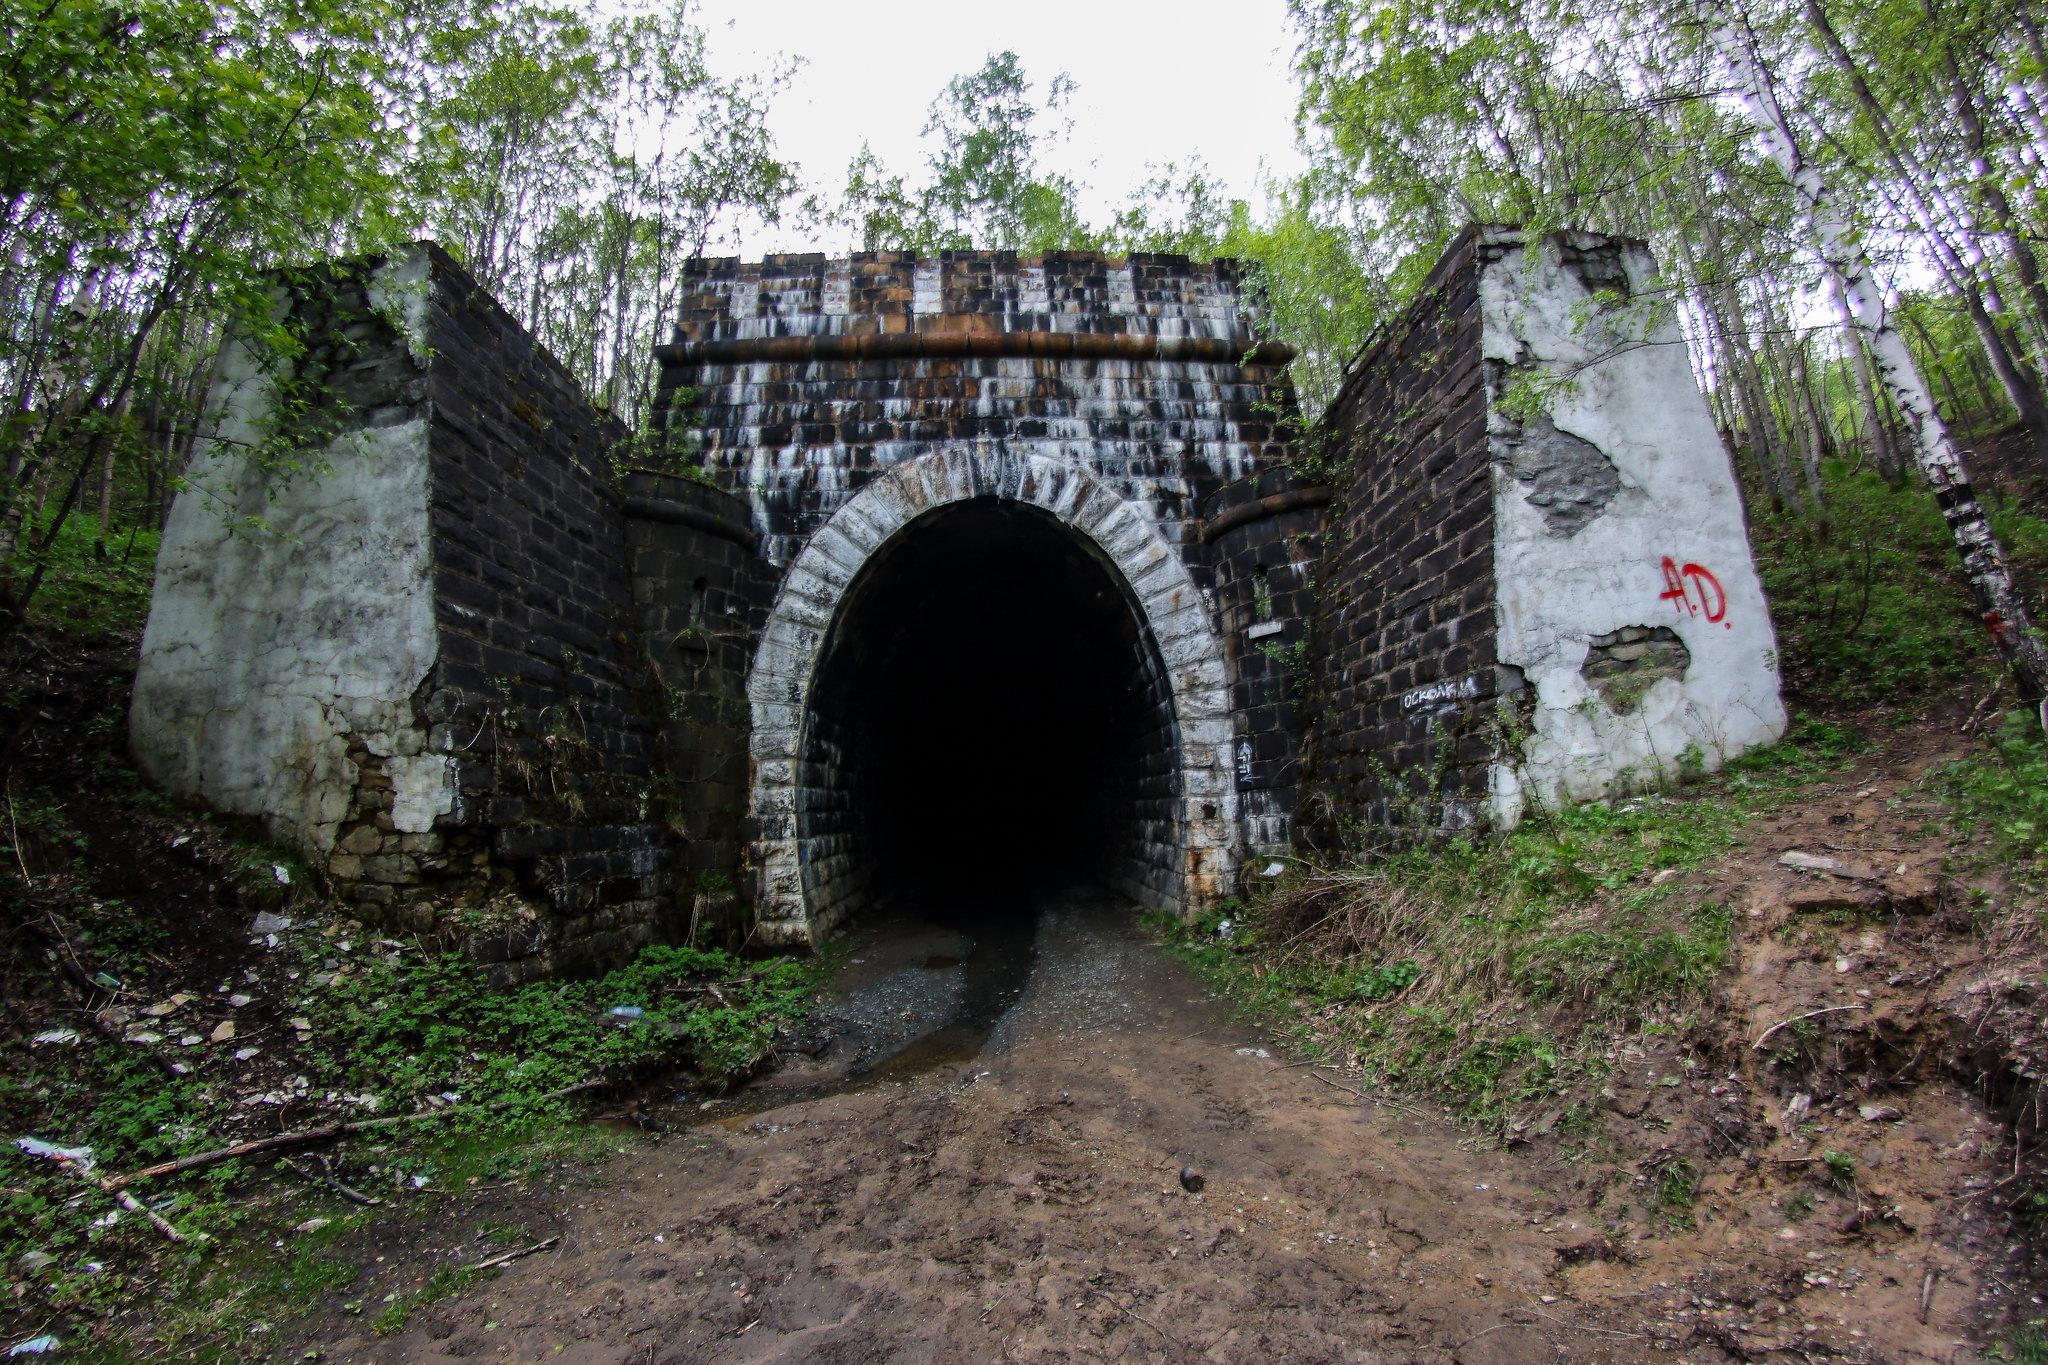 Заброшенный железнодорожный тоннель в Дидино (Дидинский тоннель, Свердловская область)